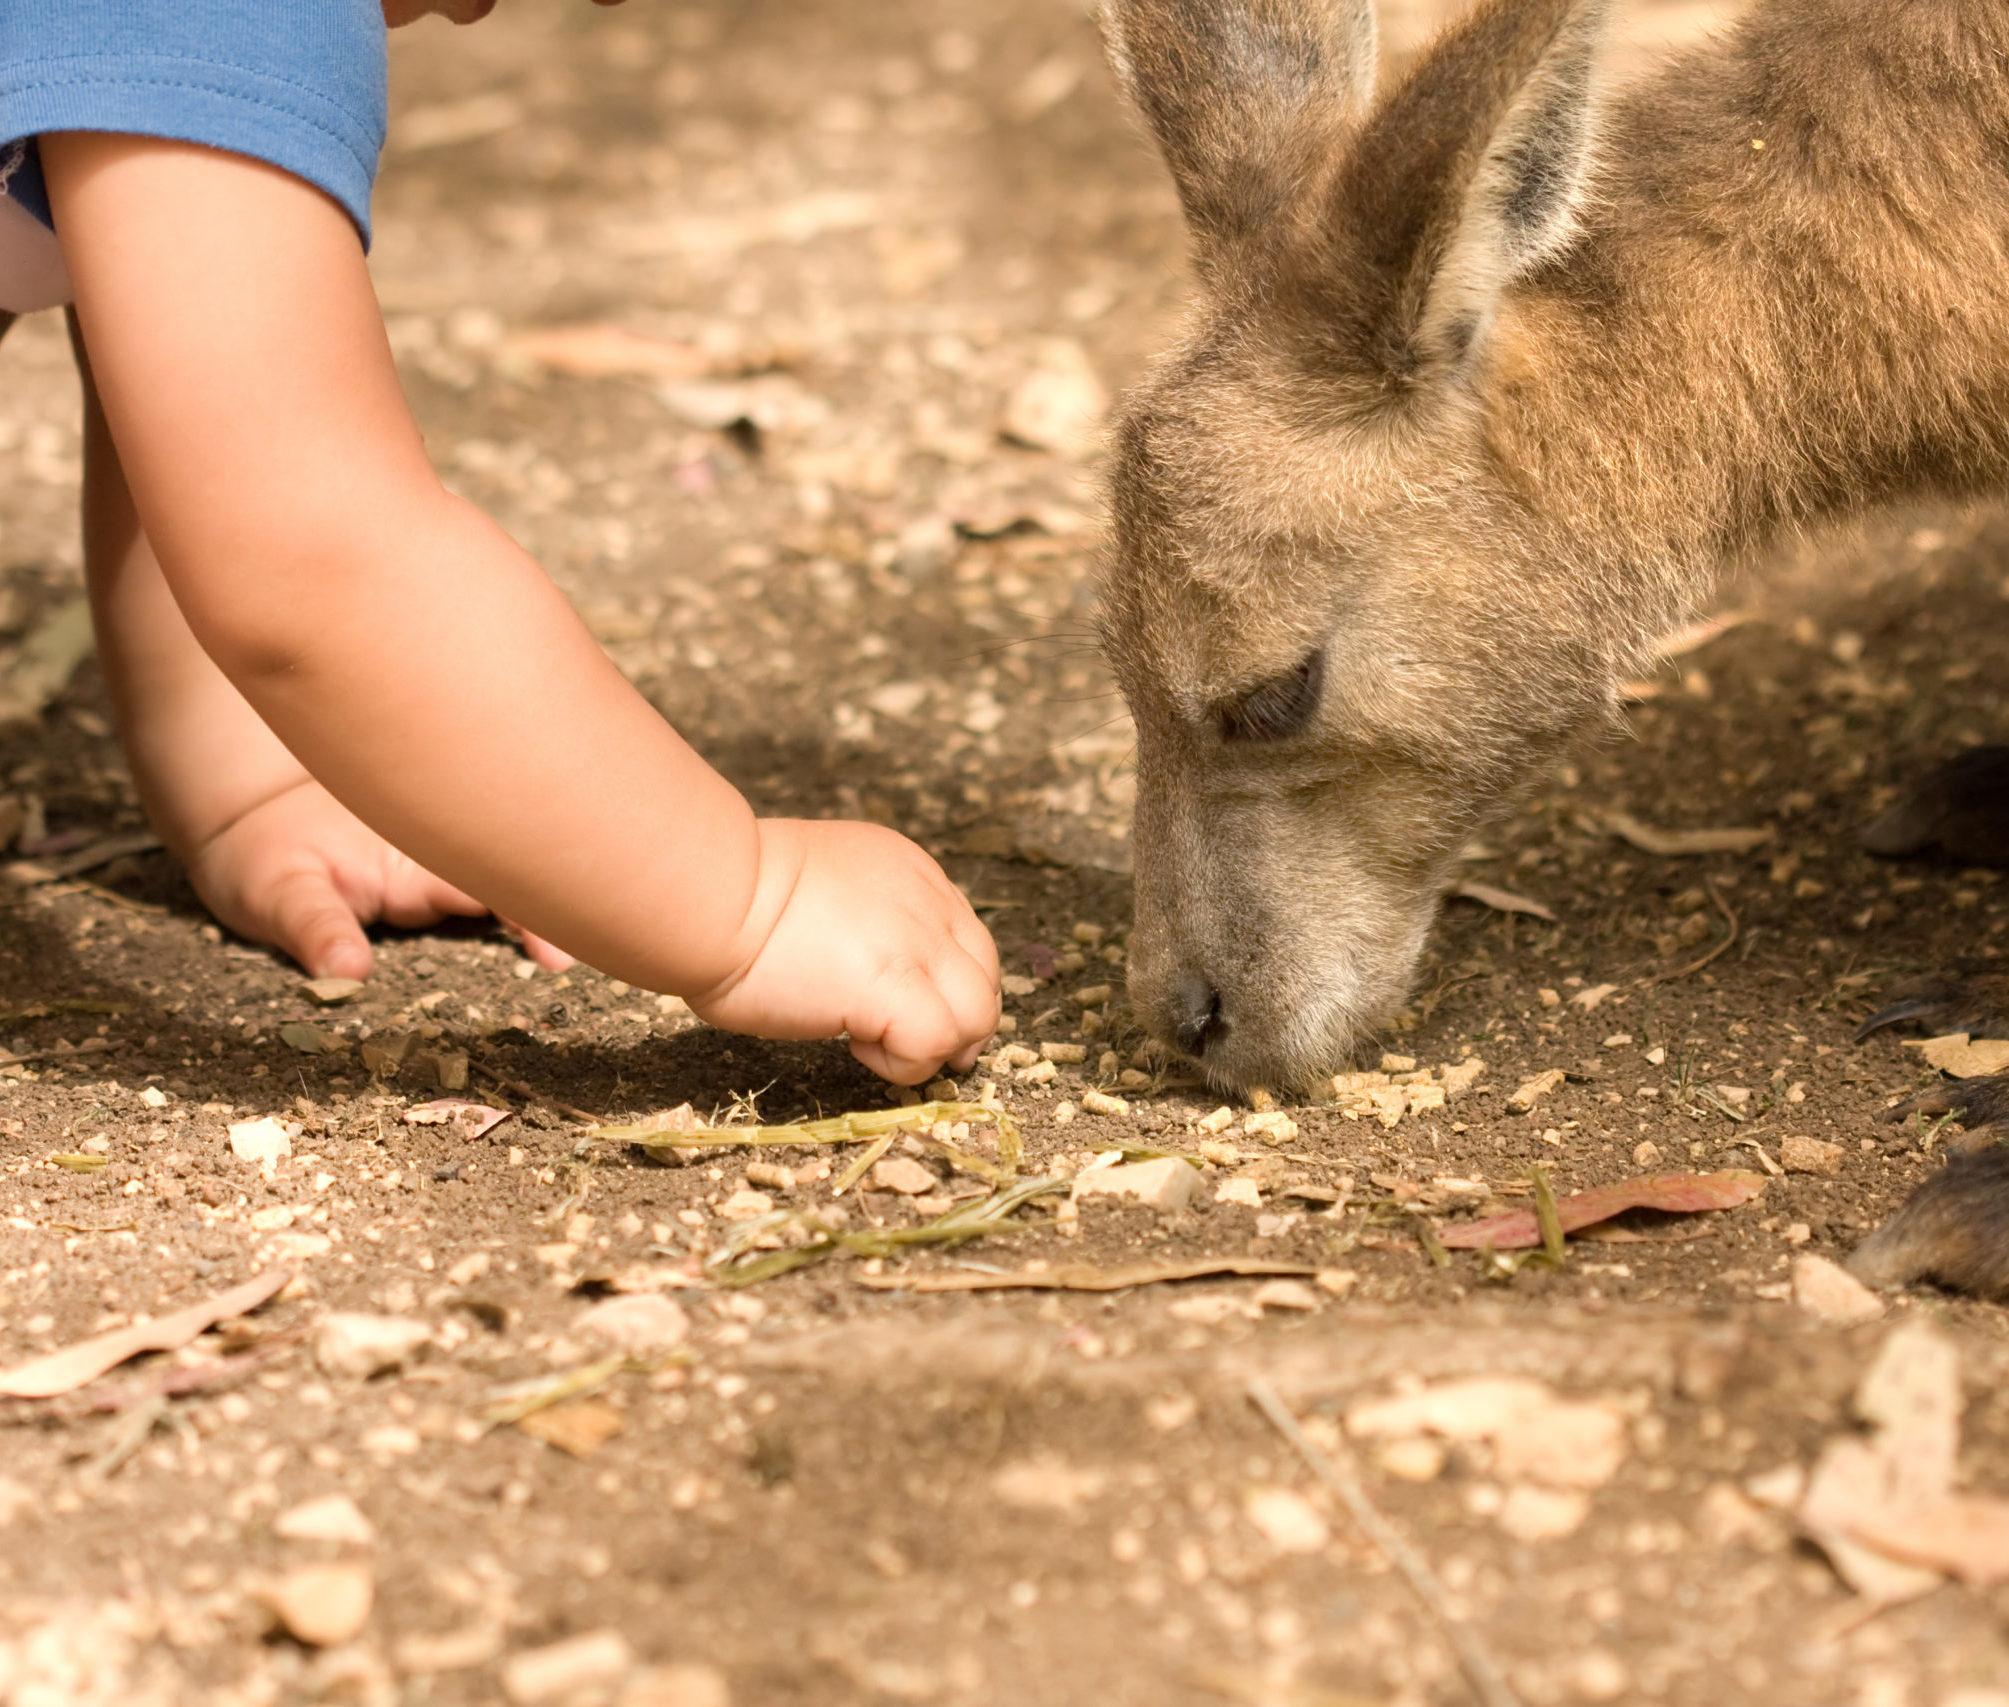 man sieht einen Kleinkindarm, das Kind ordnet etwas auf erdigem Untergrund, ihm gegenüber sieht man nur den Kopf eines Känguruhs, das in der Erde schnuppert